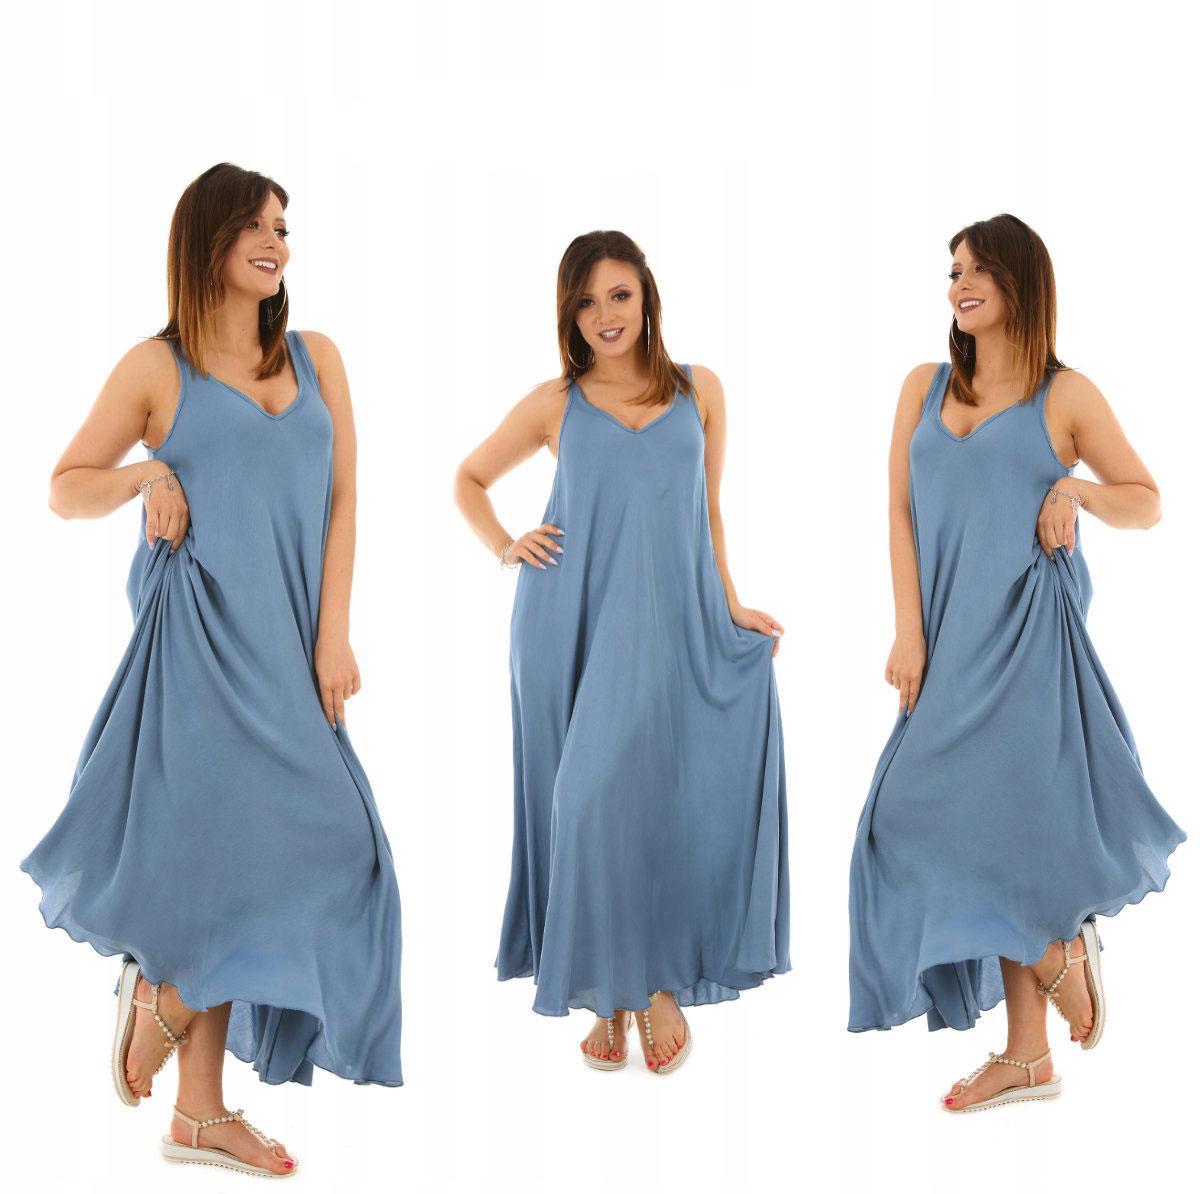 ffd191072 Dlhé šaty v maxi dĺžke sú na leto ako stvorené. Maxi šaty sú nenahraditeľný  kúsok na leto, dovolenku alebo len do práce. V chladivých dňoch si cez  ramená ...